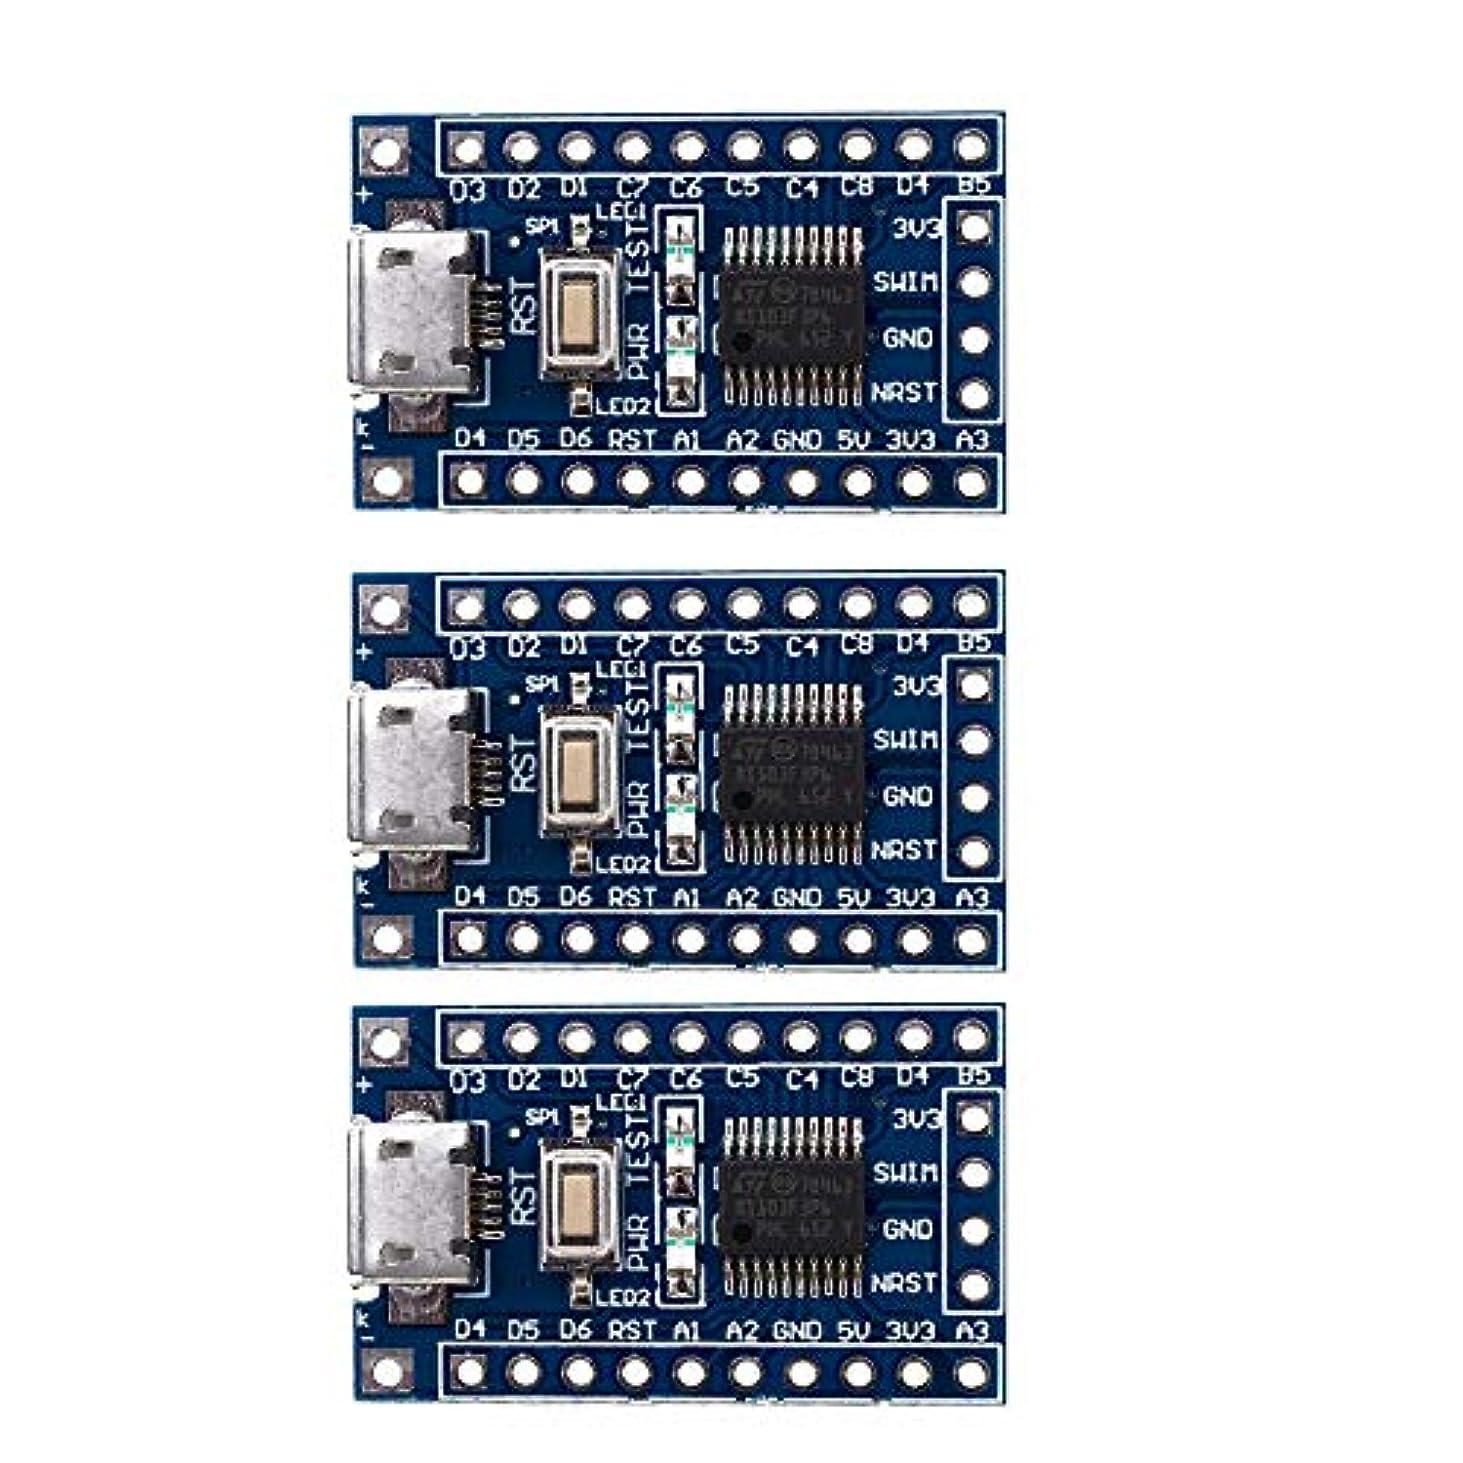 とスクレーパー音楽家Calloy STM8S103F3P6 STM8 ARM 最小システム 開発ボード モジュール Arduino用 3個 収納ボックス付き